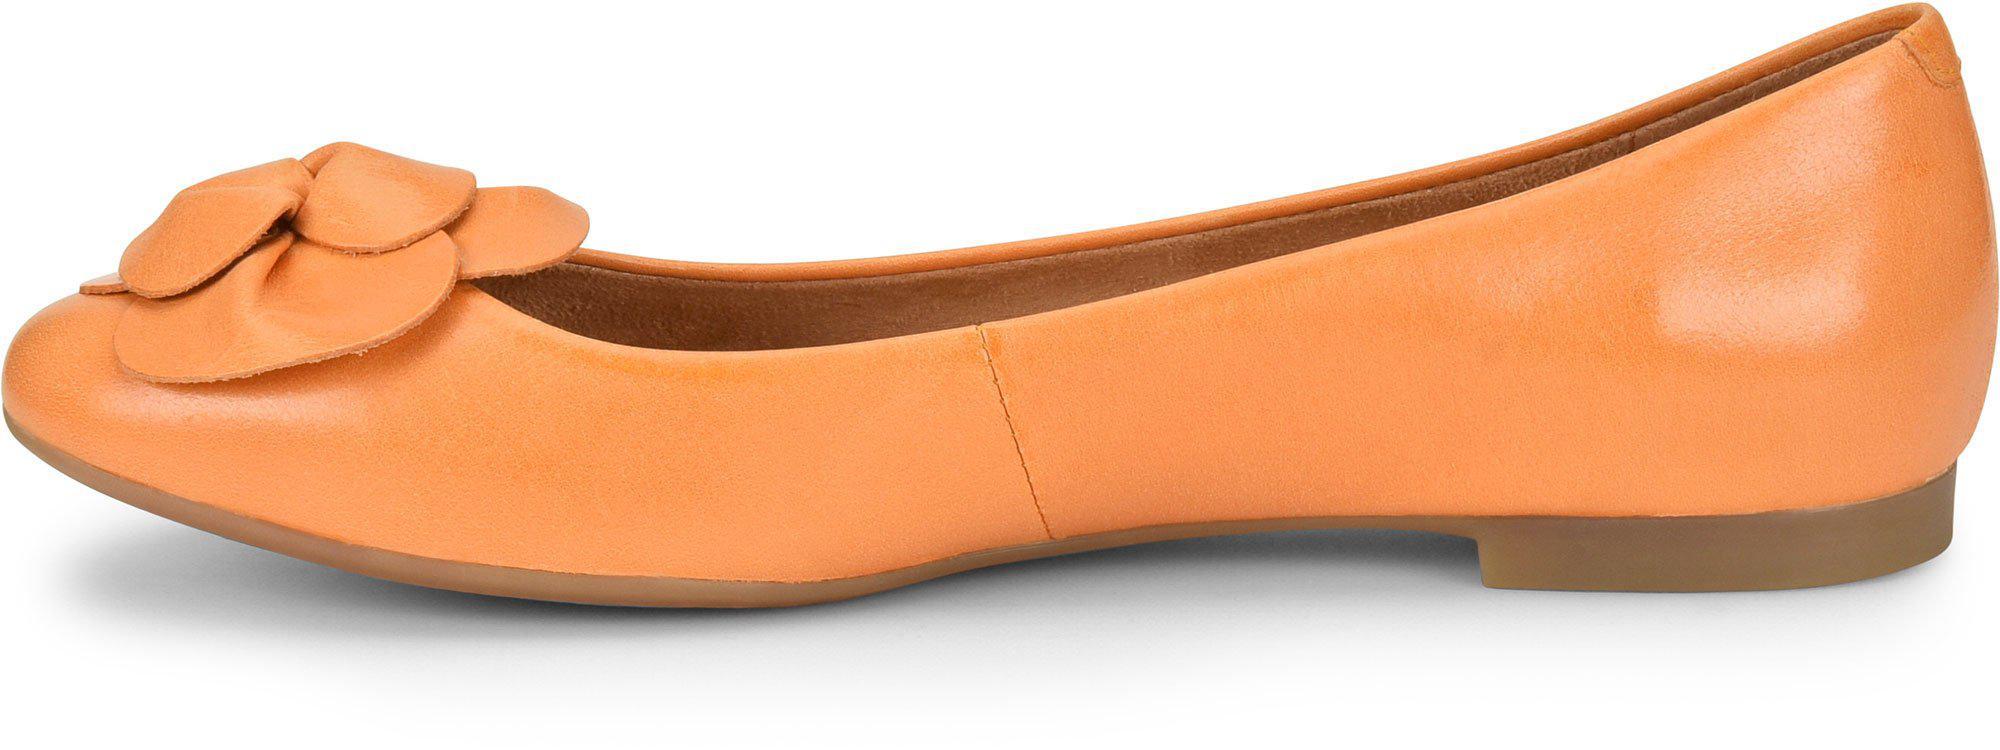 dac4f7a94d4c35 Lyst - Born Annelie in Orange